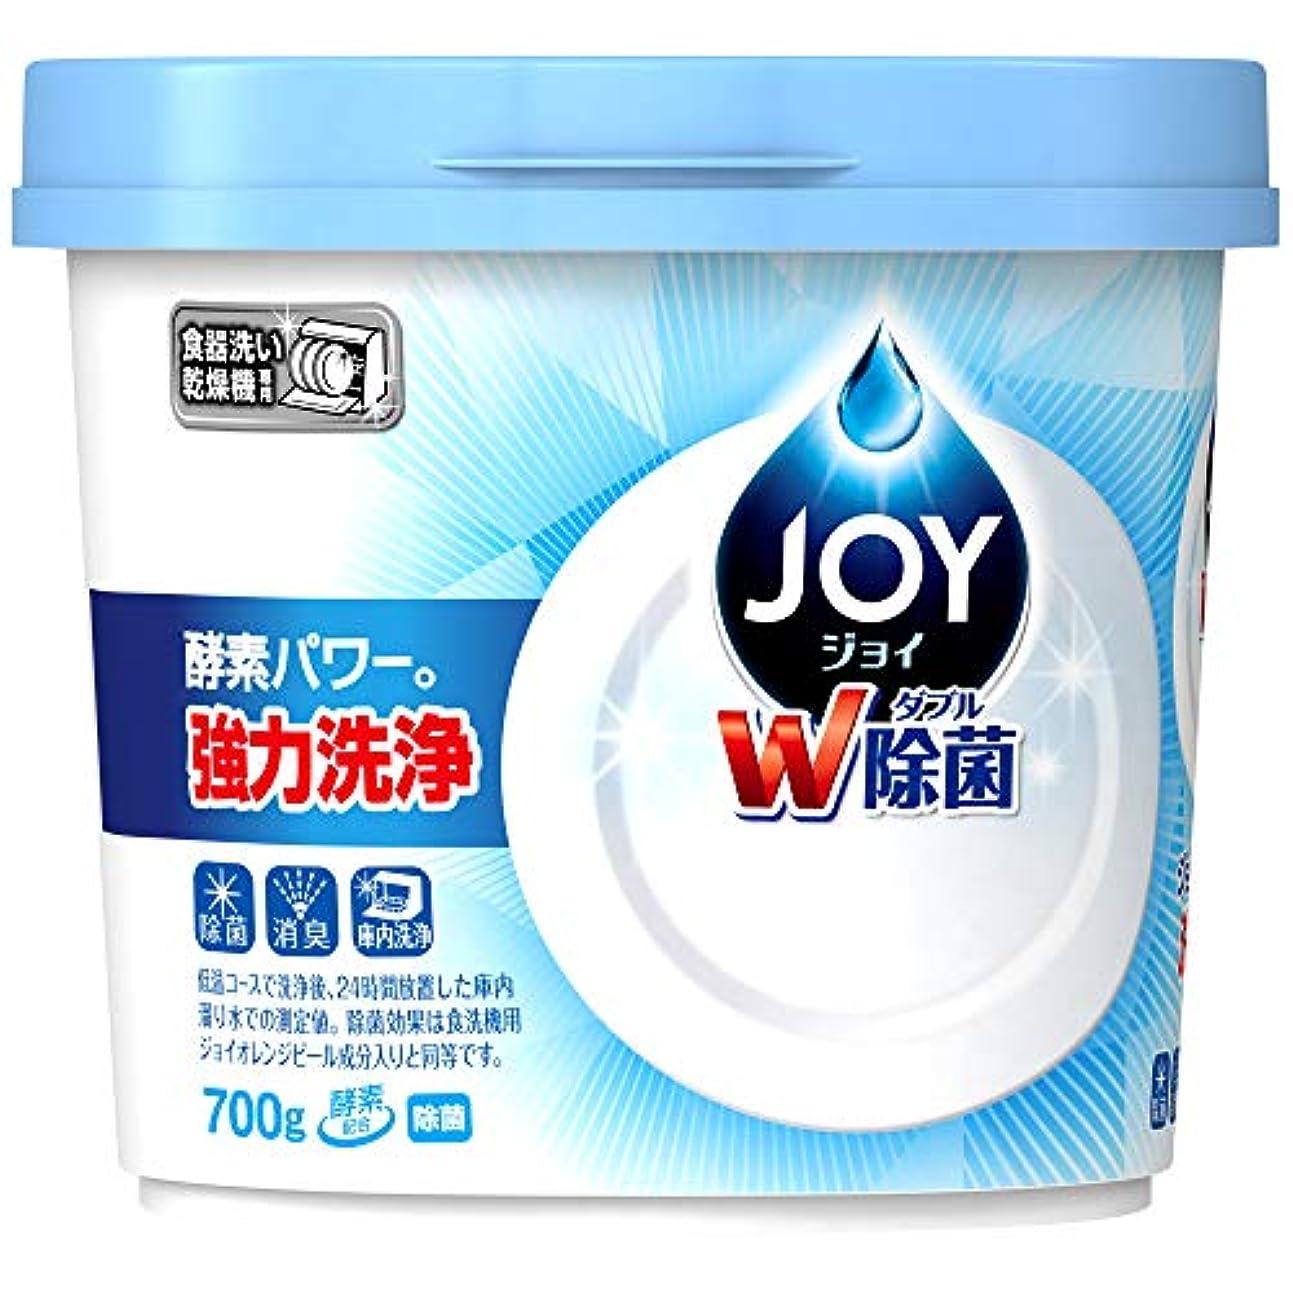 そのようなしつけ風邪をひく食洗機用ジョイ 食洗機用洗剤 除菌 本体 700g